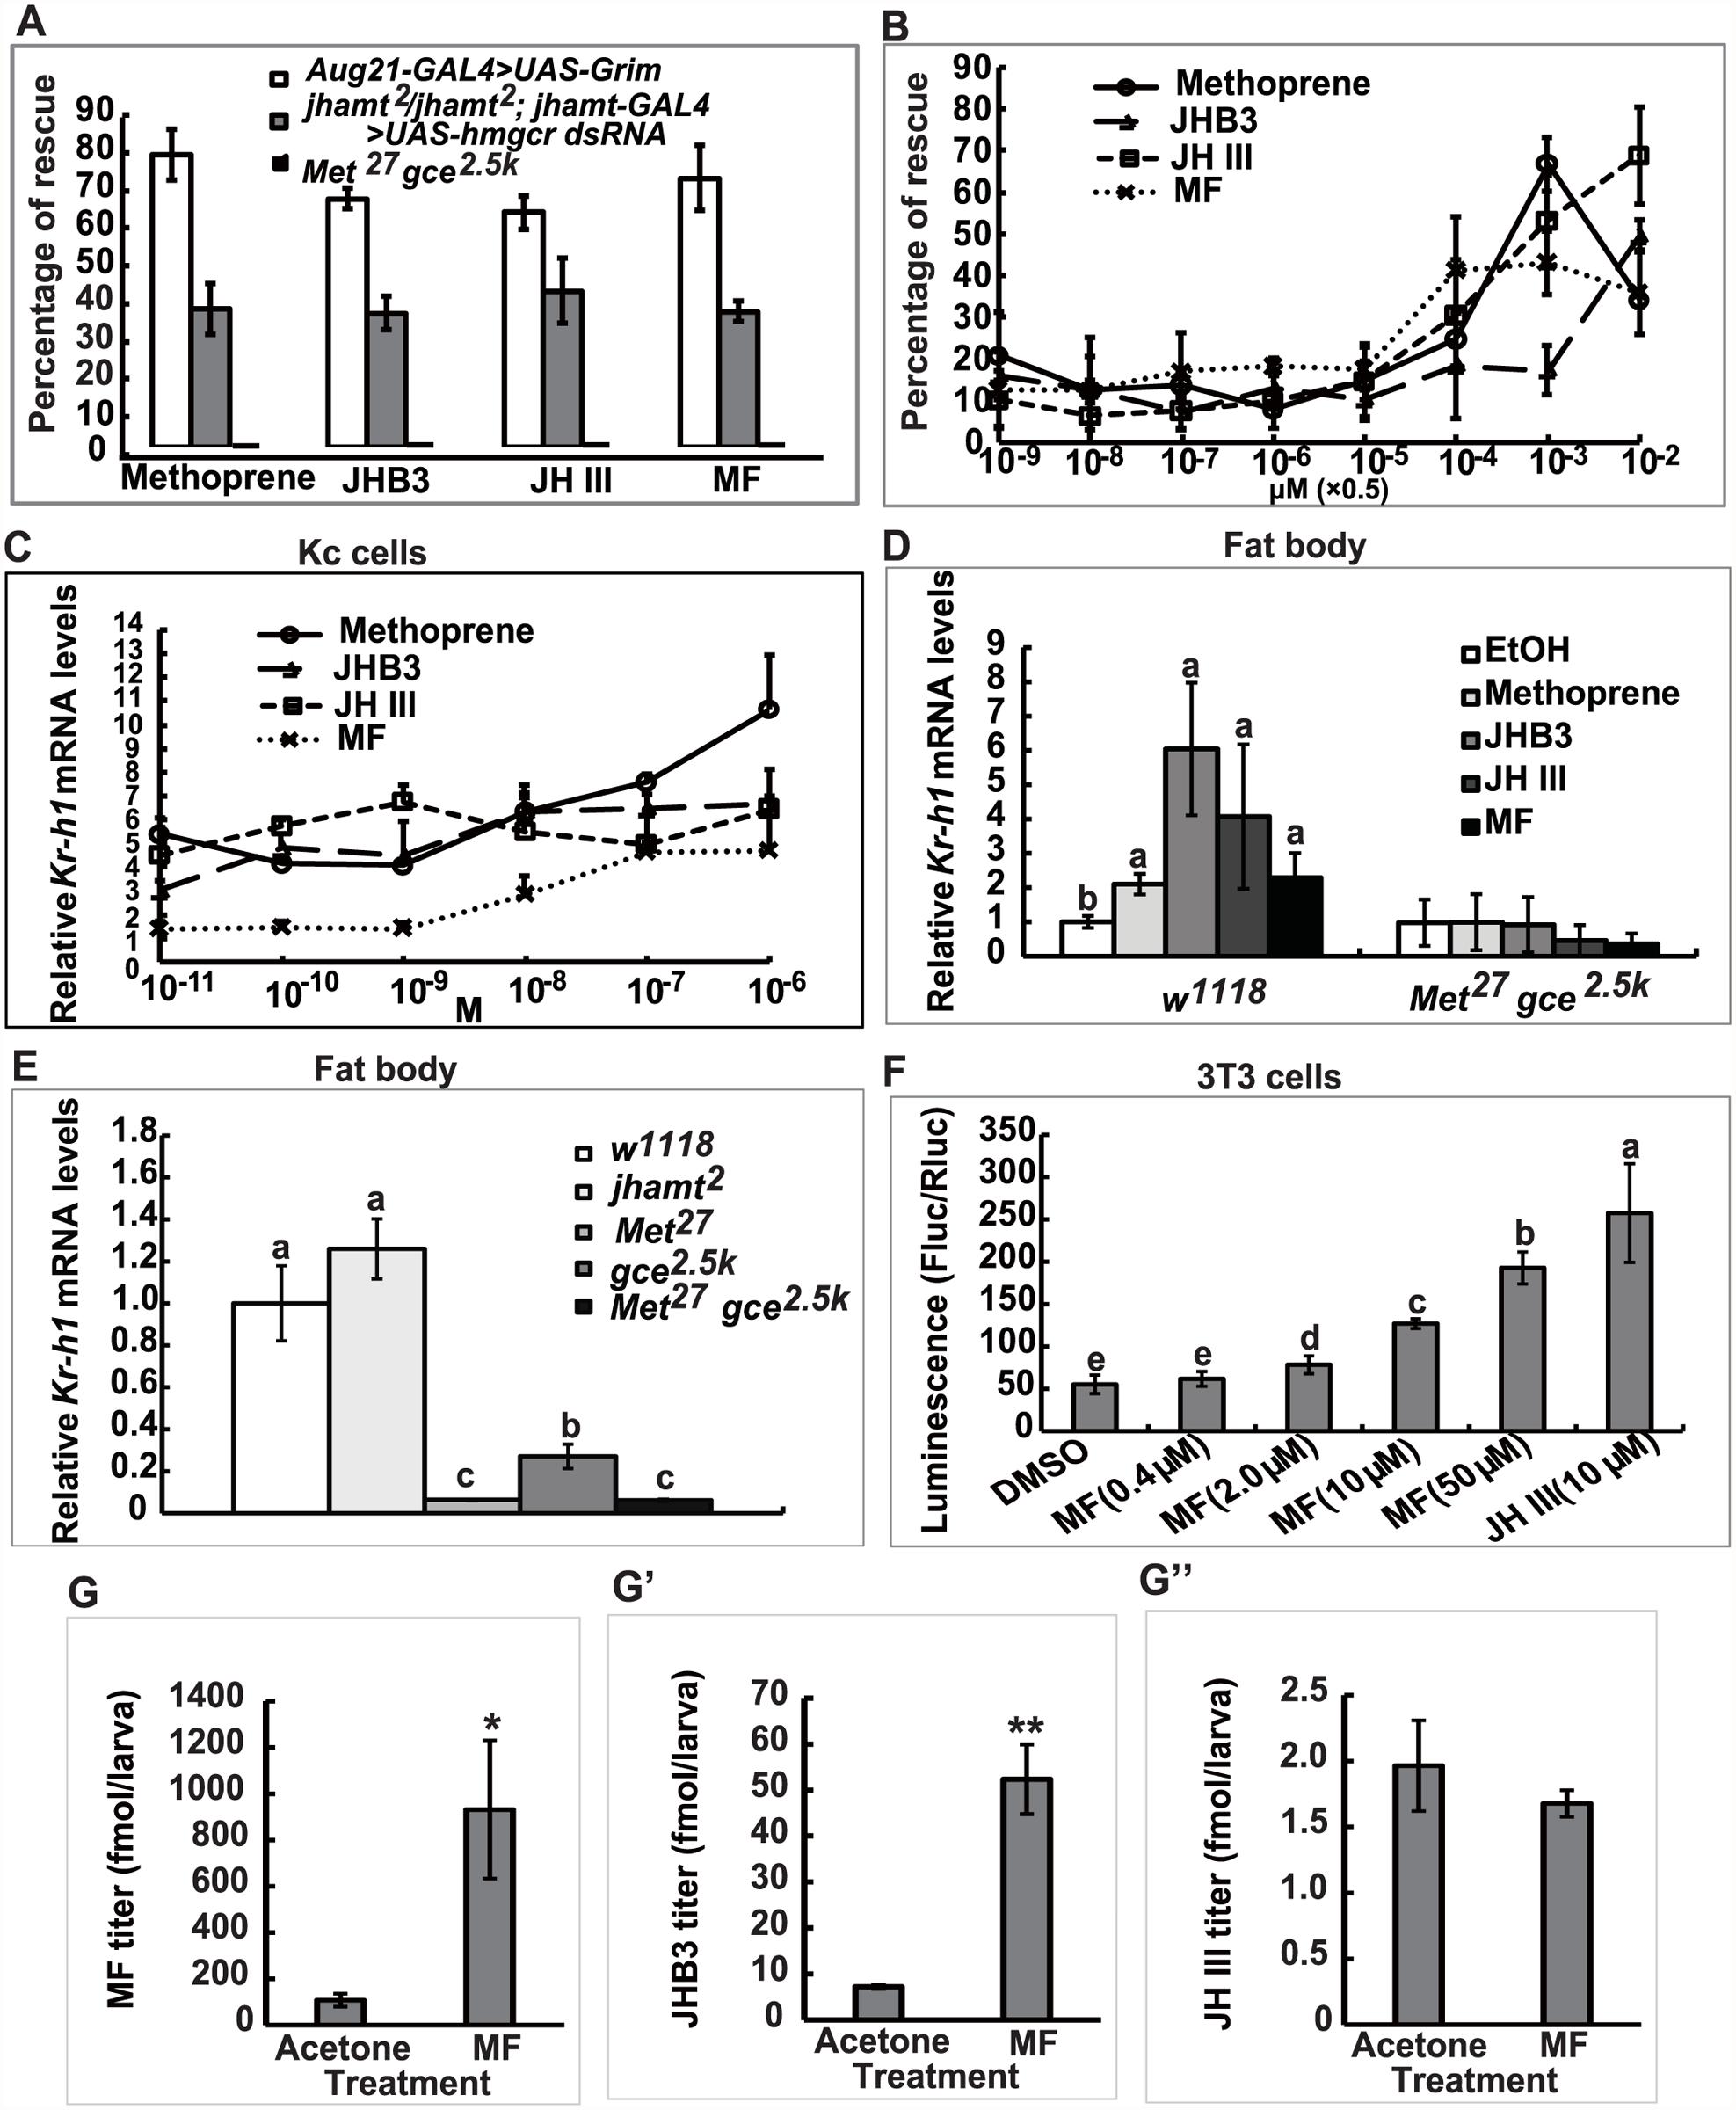 MF plays a dual role: as a JHB3 precursor and as a hormone.